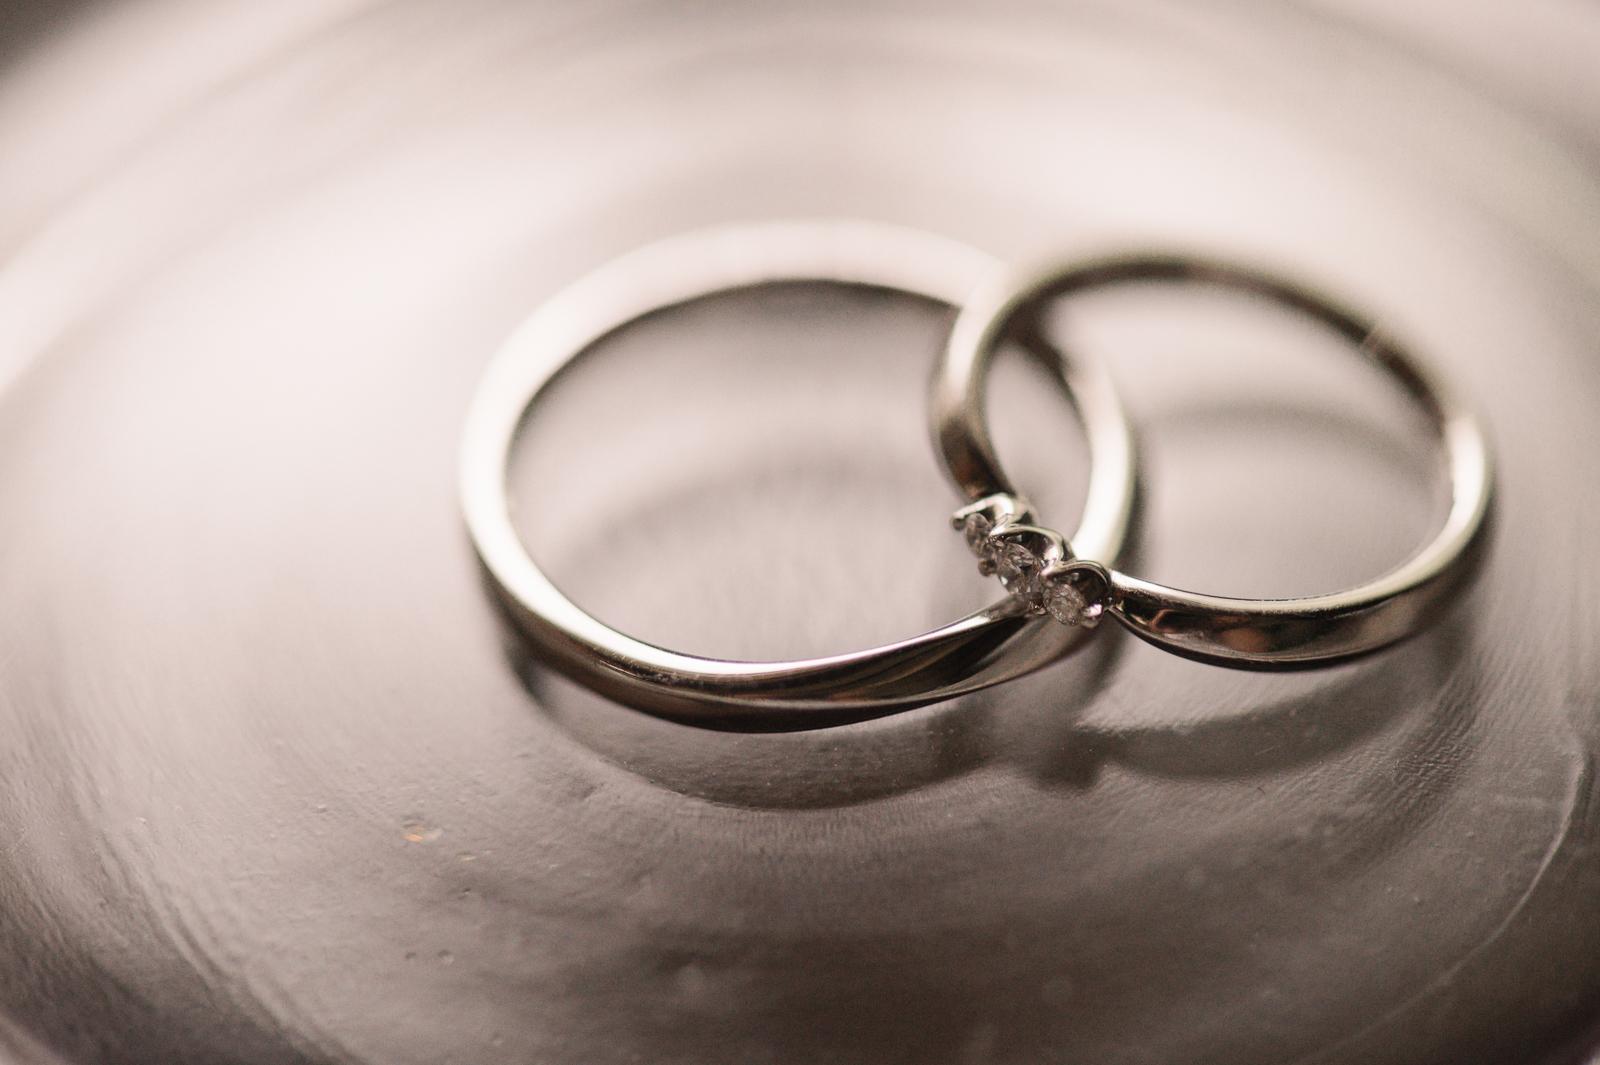 嘉義婚禮, 有兒菈菈樹花園, 派大楊, 紀實攝影, 美式婚禮, 婚拍, 婚攝推薦, 證婚, engagement, PTT, Wedding,